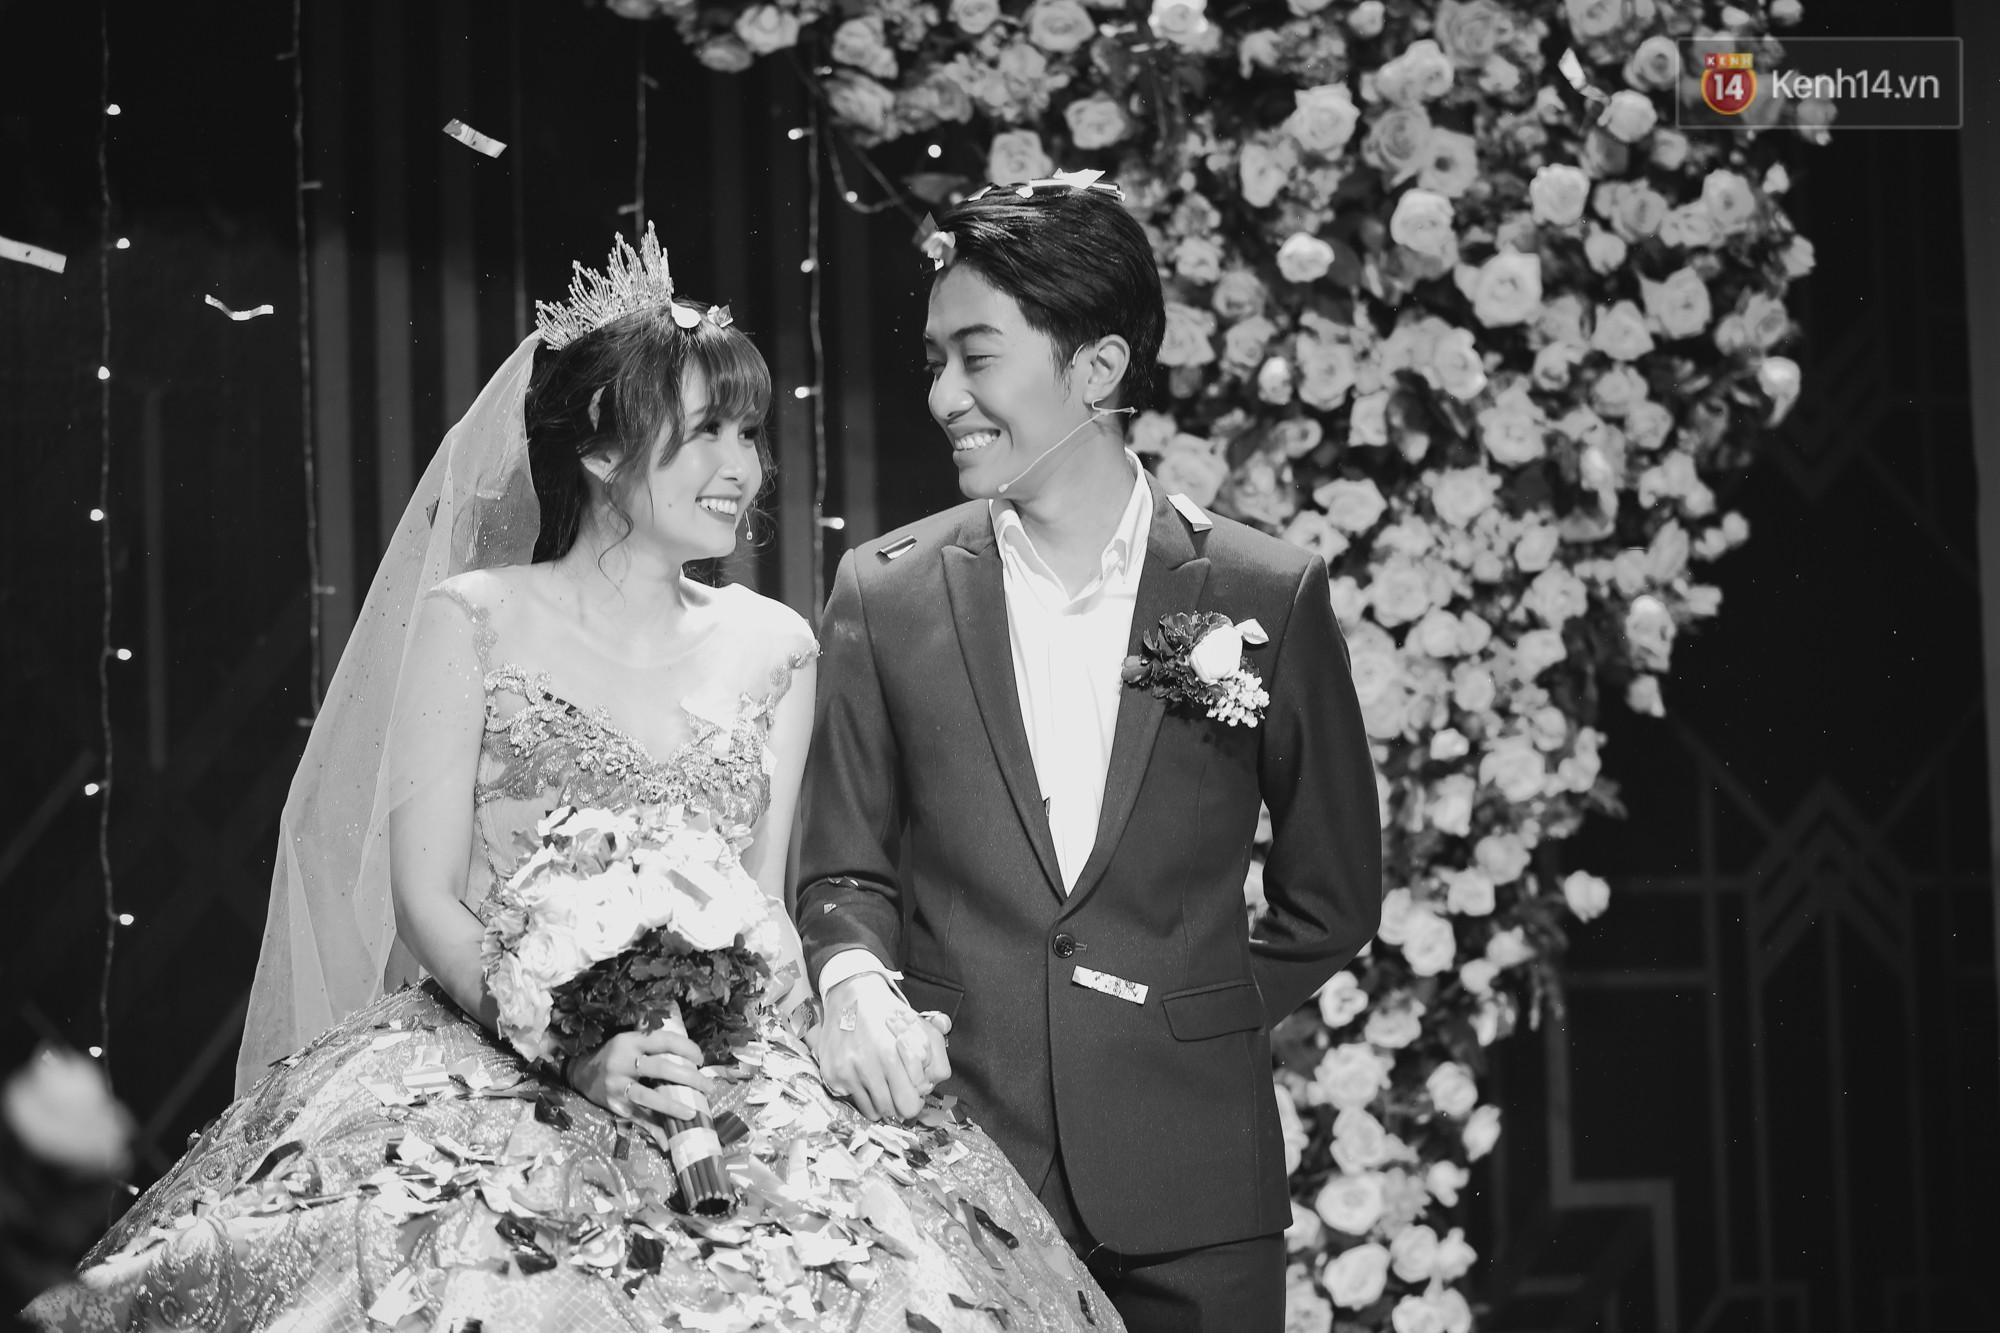 Cưới được vợ xinh, Cris Phan còn khiến dân tình ăn bánh gato đã đời với câu nói: Việt Nam 95 triệu người, anh tìm được em là một kỳ tích - Ảnh 5.